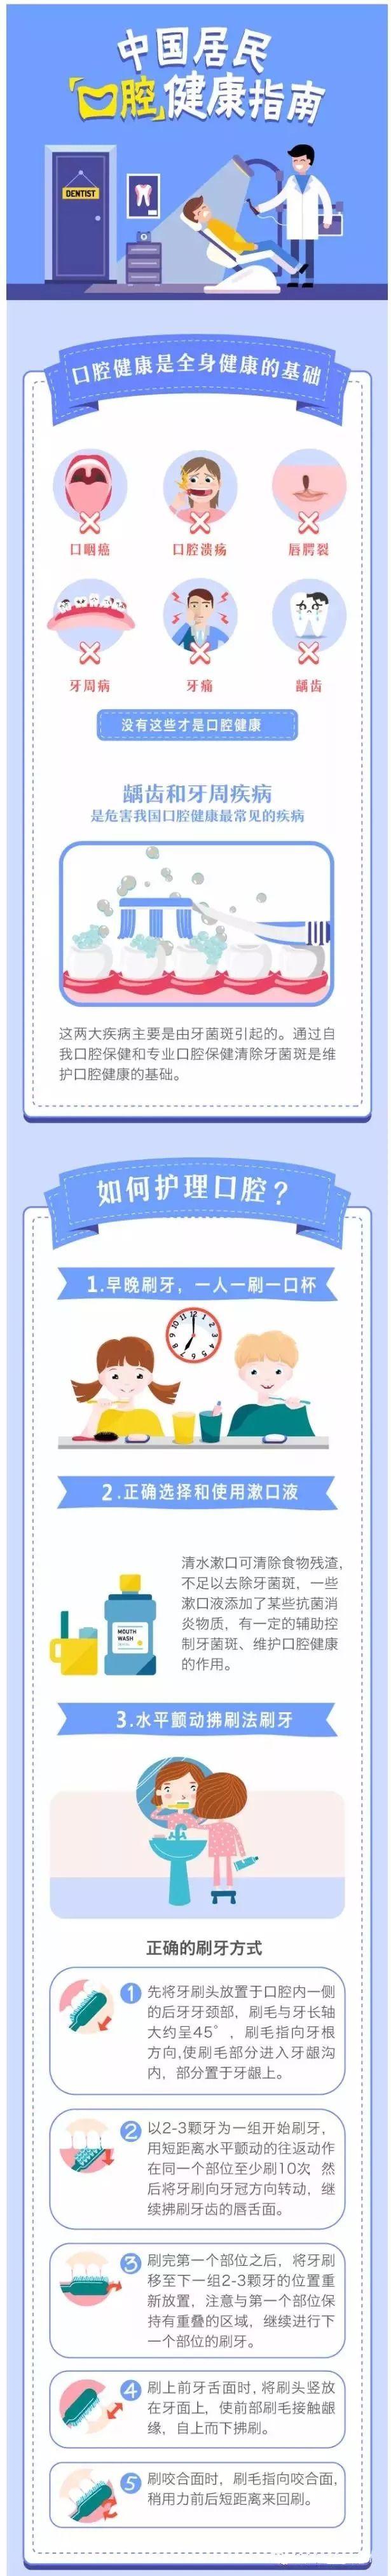 健康 丨 3分钟带你读懂《中国居民口腔健康指南》